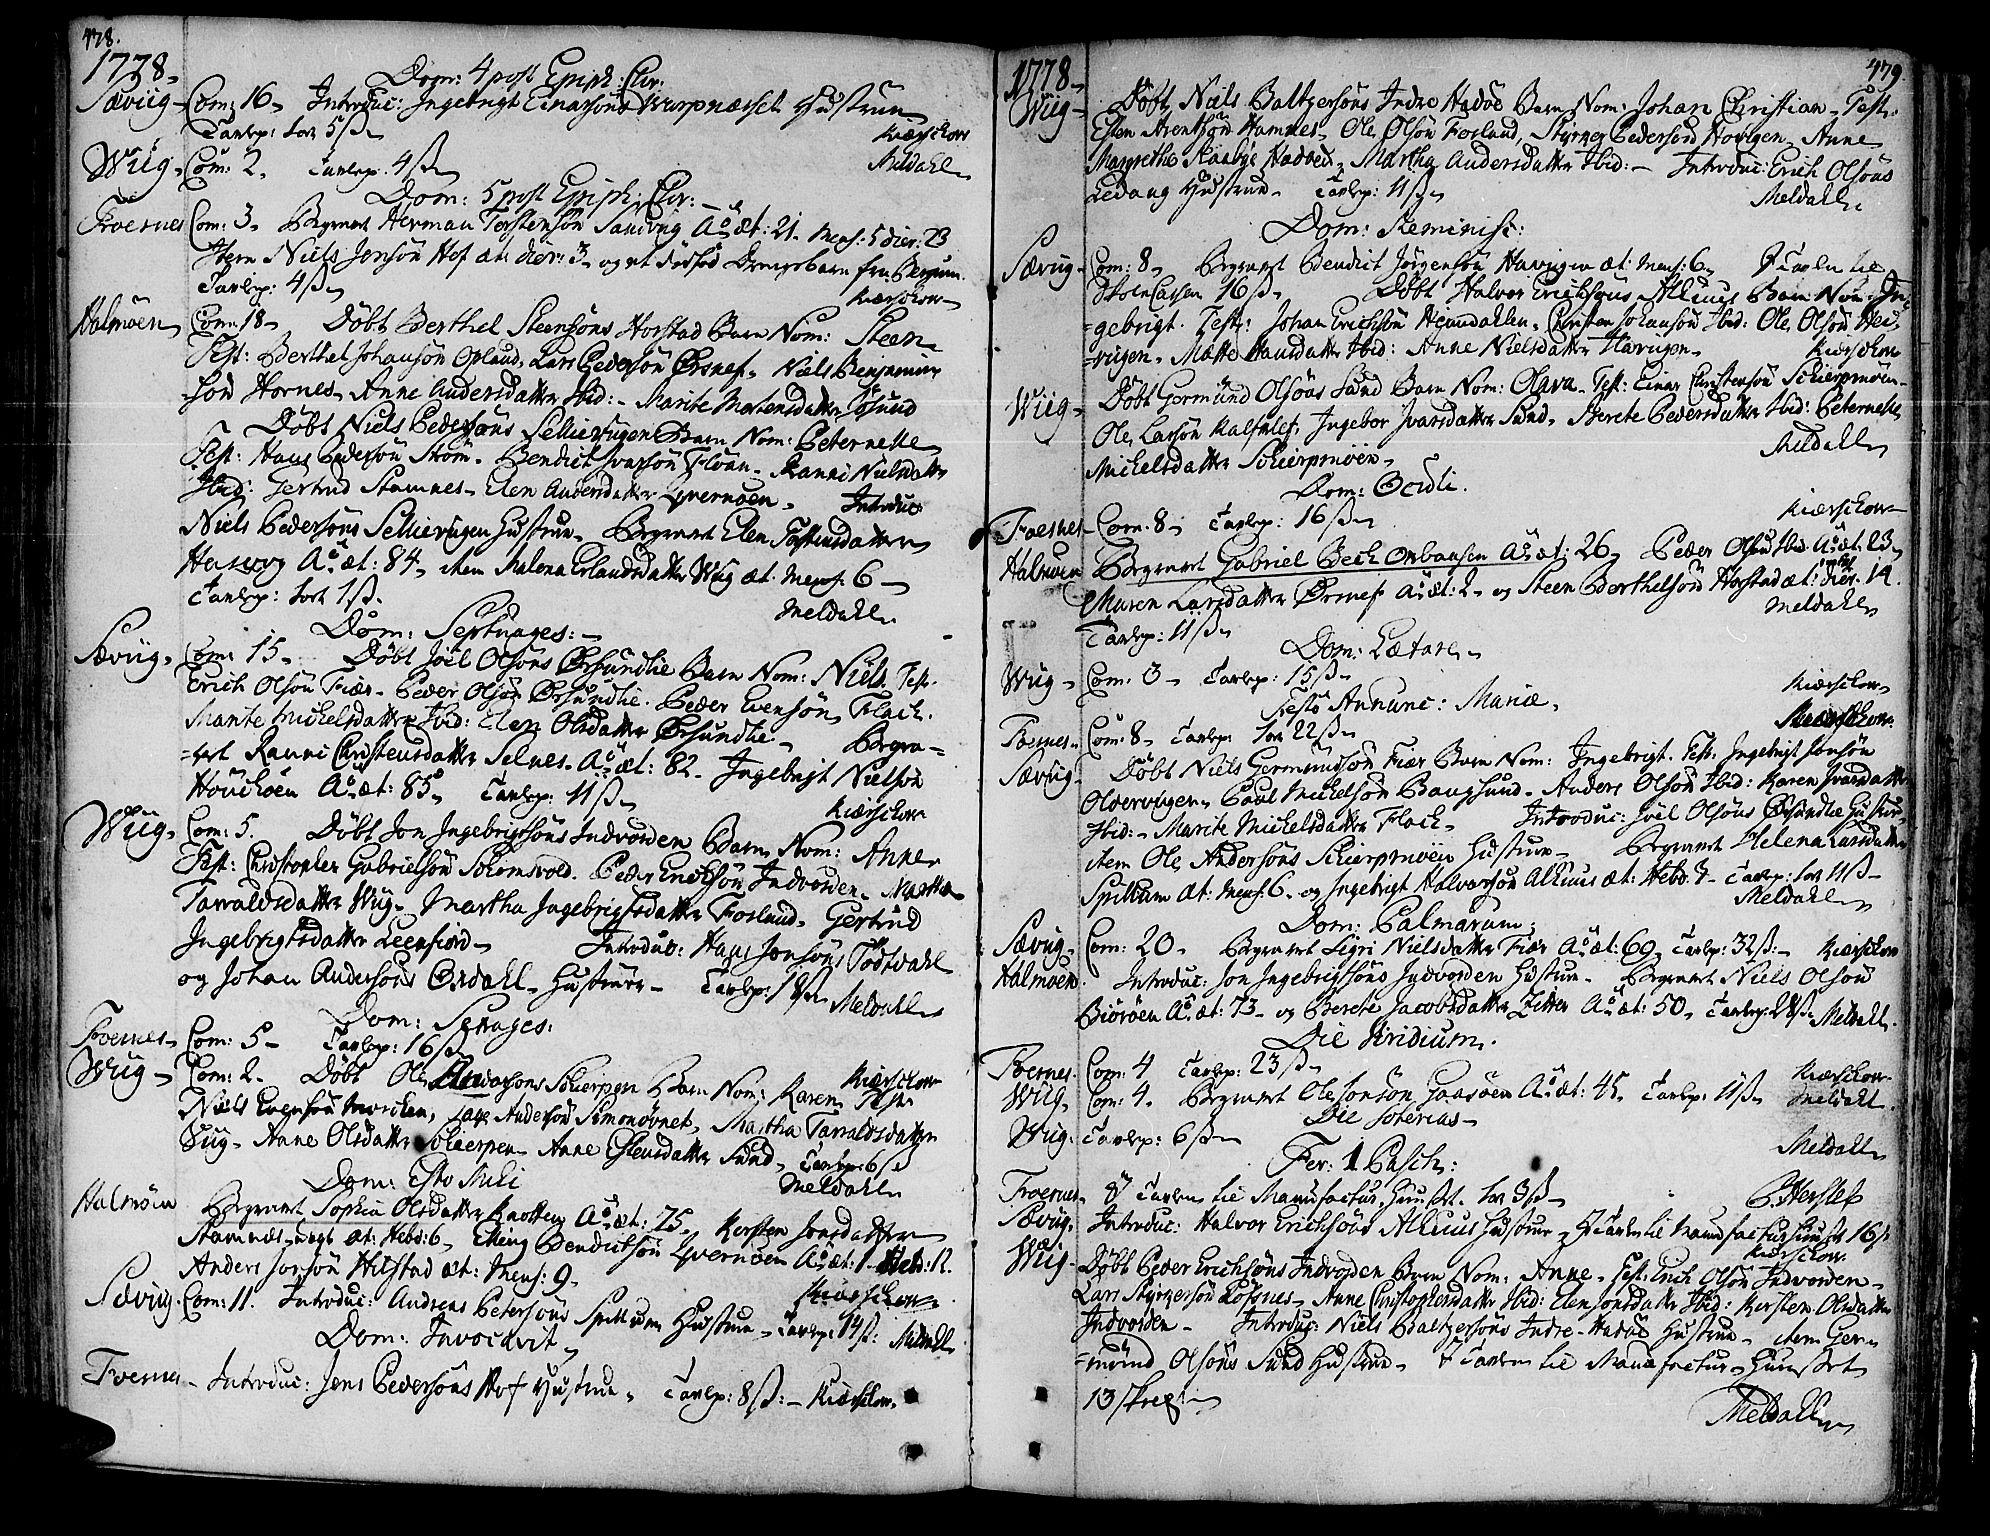 SAT, Ministerialprotokoller, klokkerbøker og fødselsregistre - Nord-Trøndelag, 773/L0607: Ministerialbok nr. 773A01, 1751-1783, s. 478-479